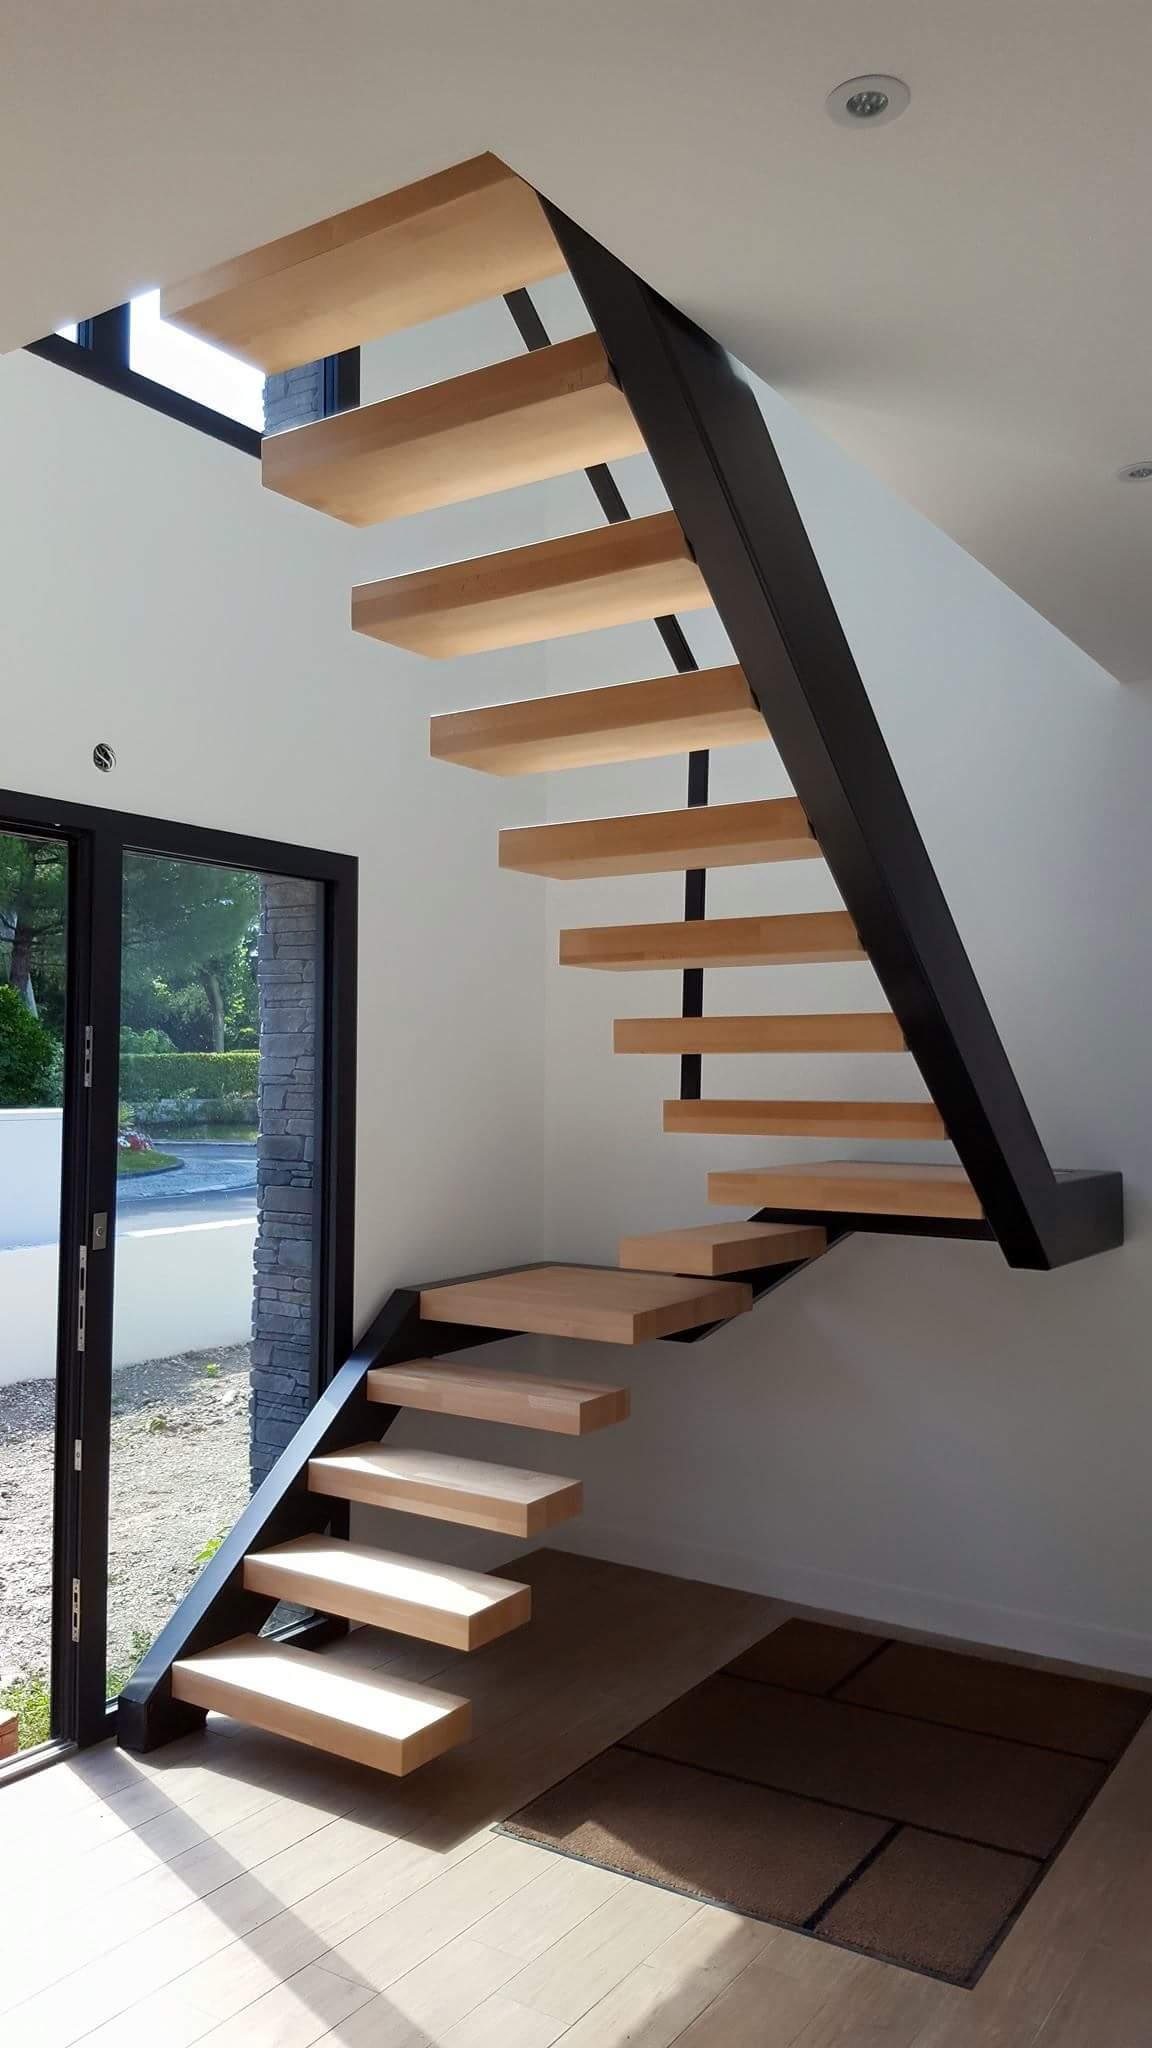 arbao-merignac-escalier-2